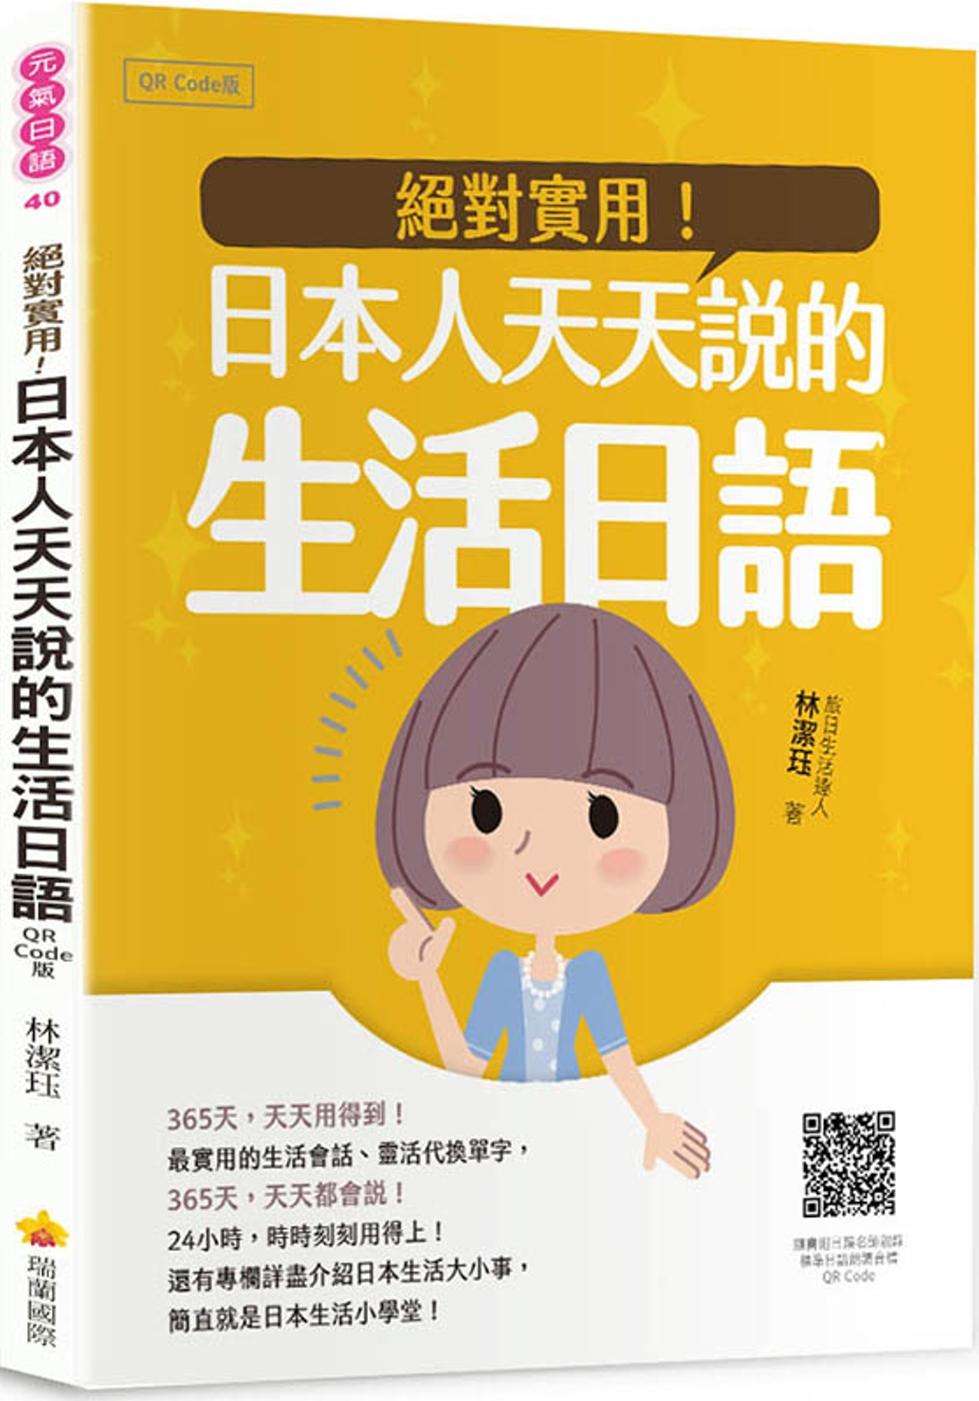 絕對實用!日本人天天說的生活日語QR Code版(隨書附日籍名師親錄標準日語朗讀音檔QR Code)